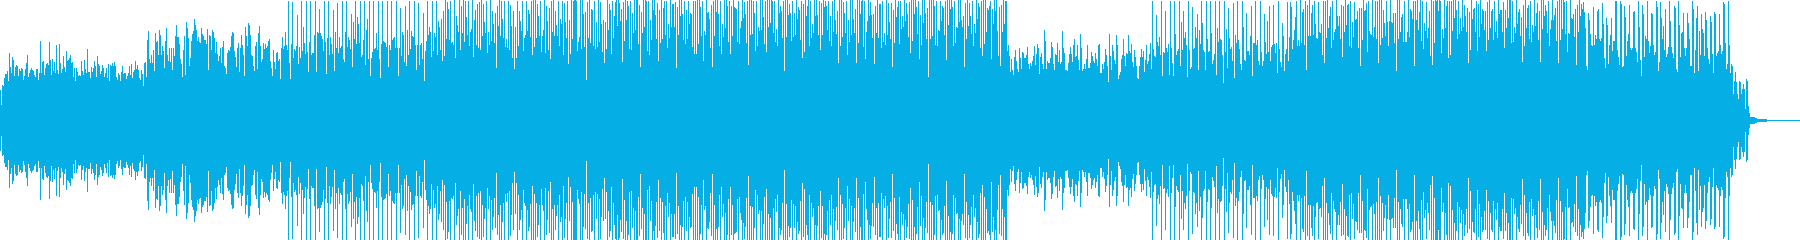 ニュース速報BGM(ベーシックA)の再生済みの波形